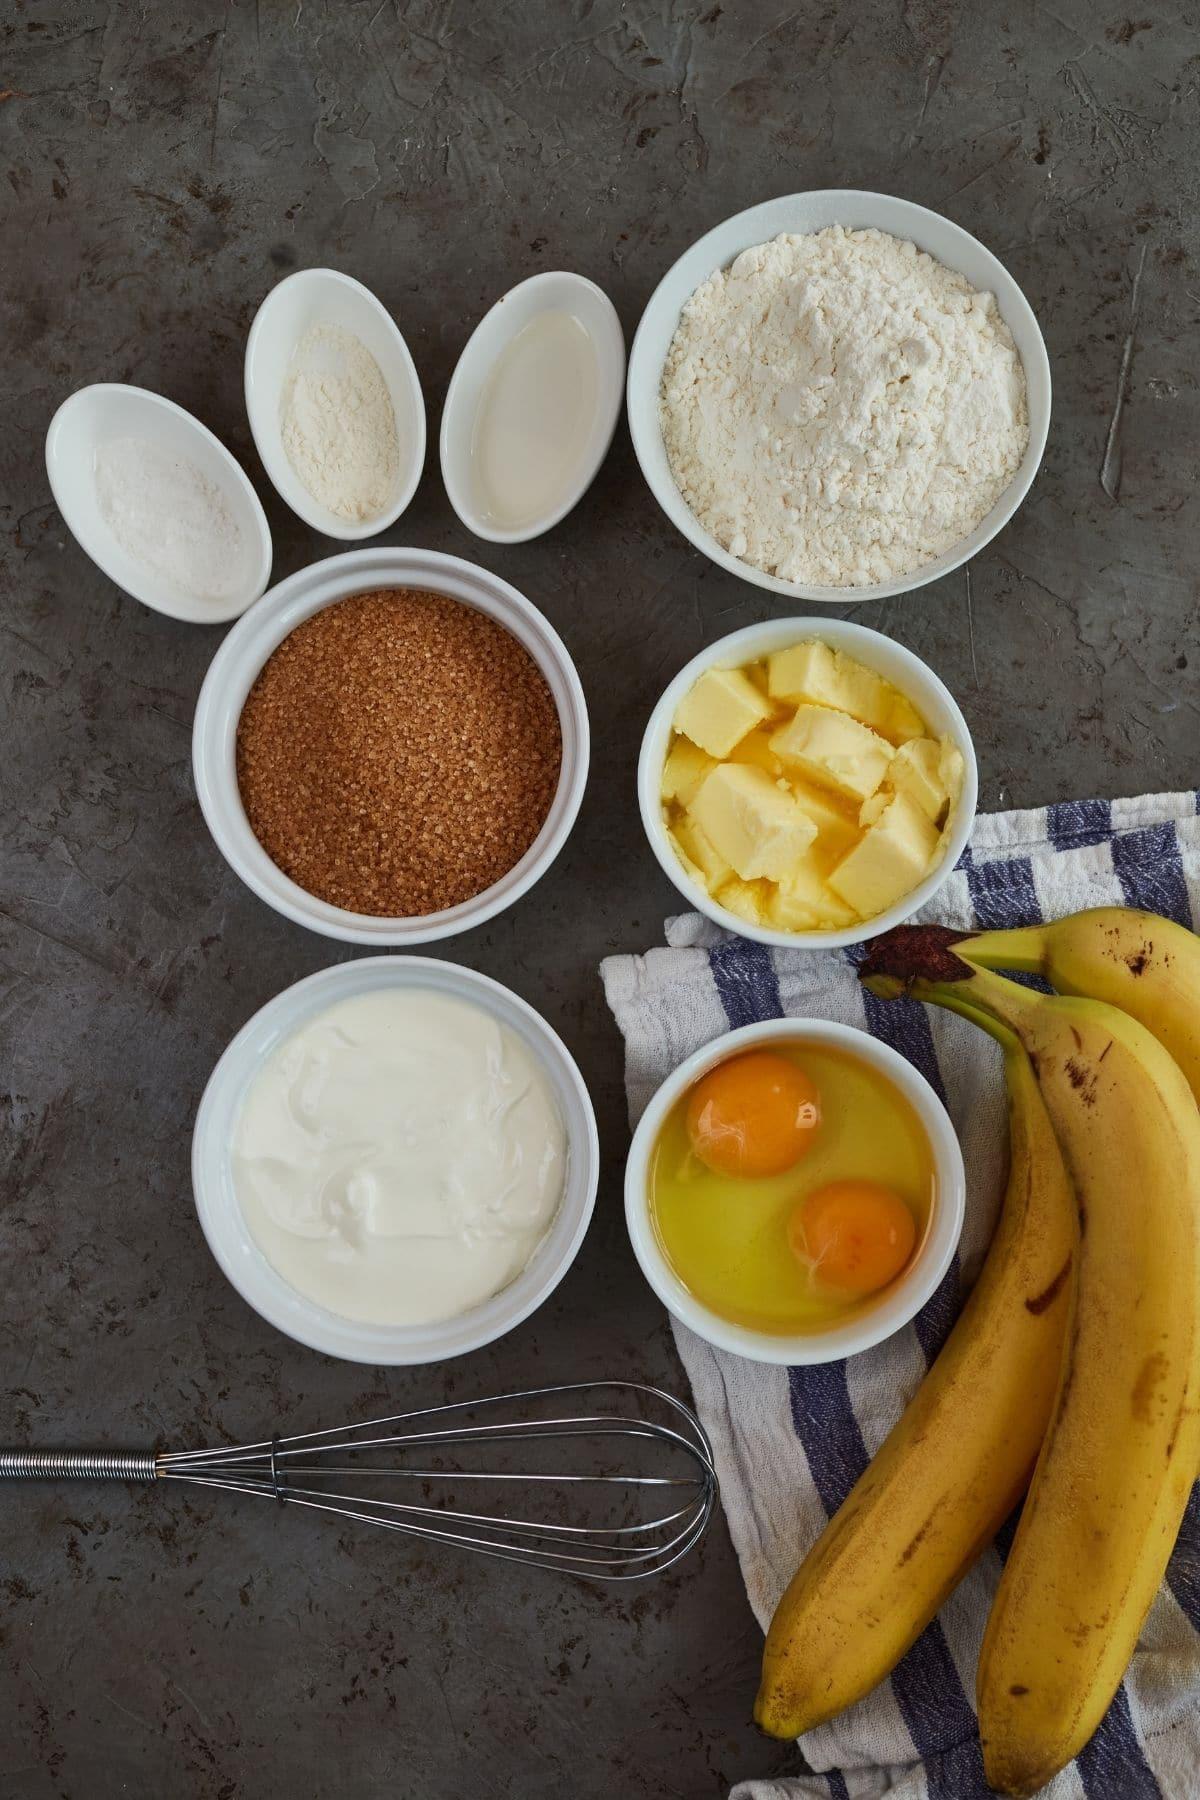 Ingredients for banana bread blondies